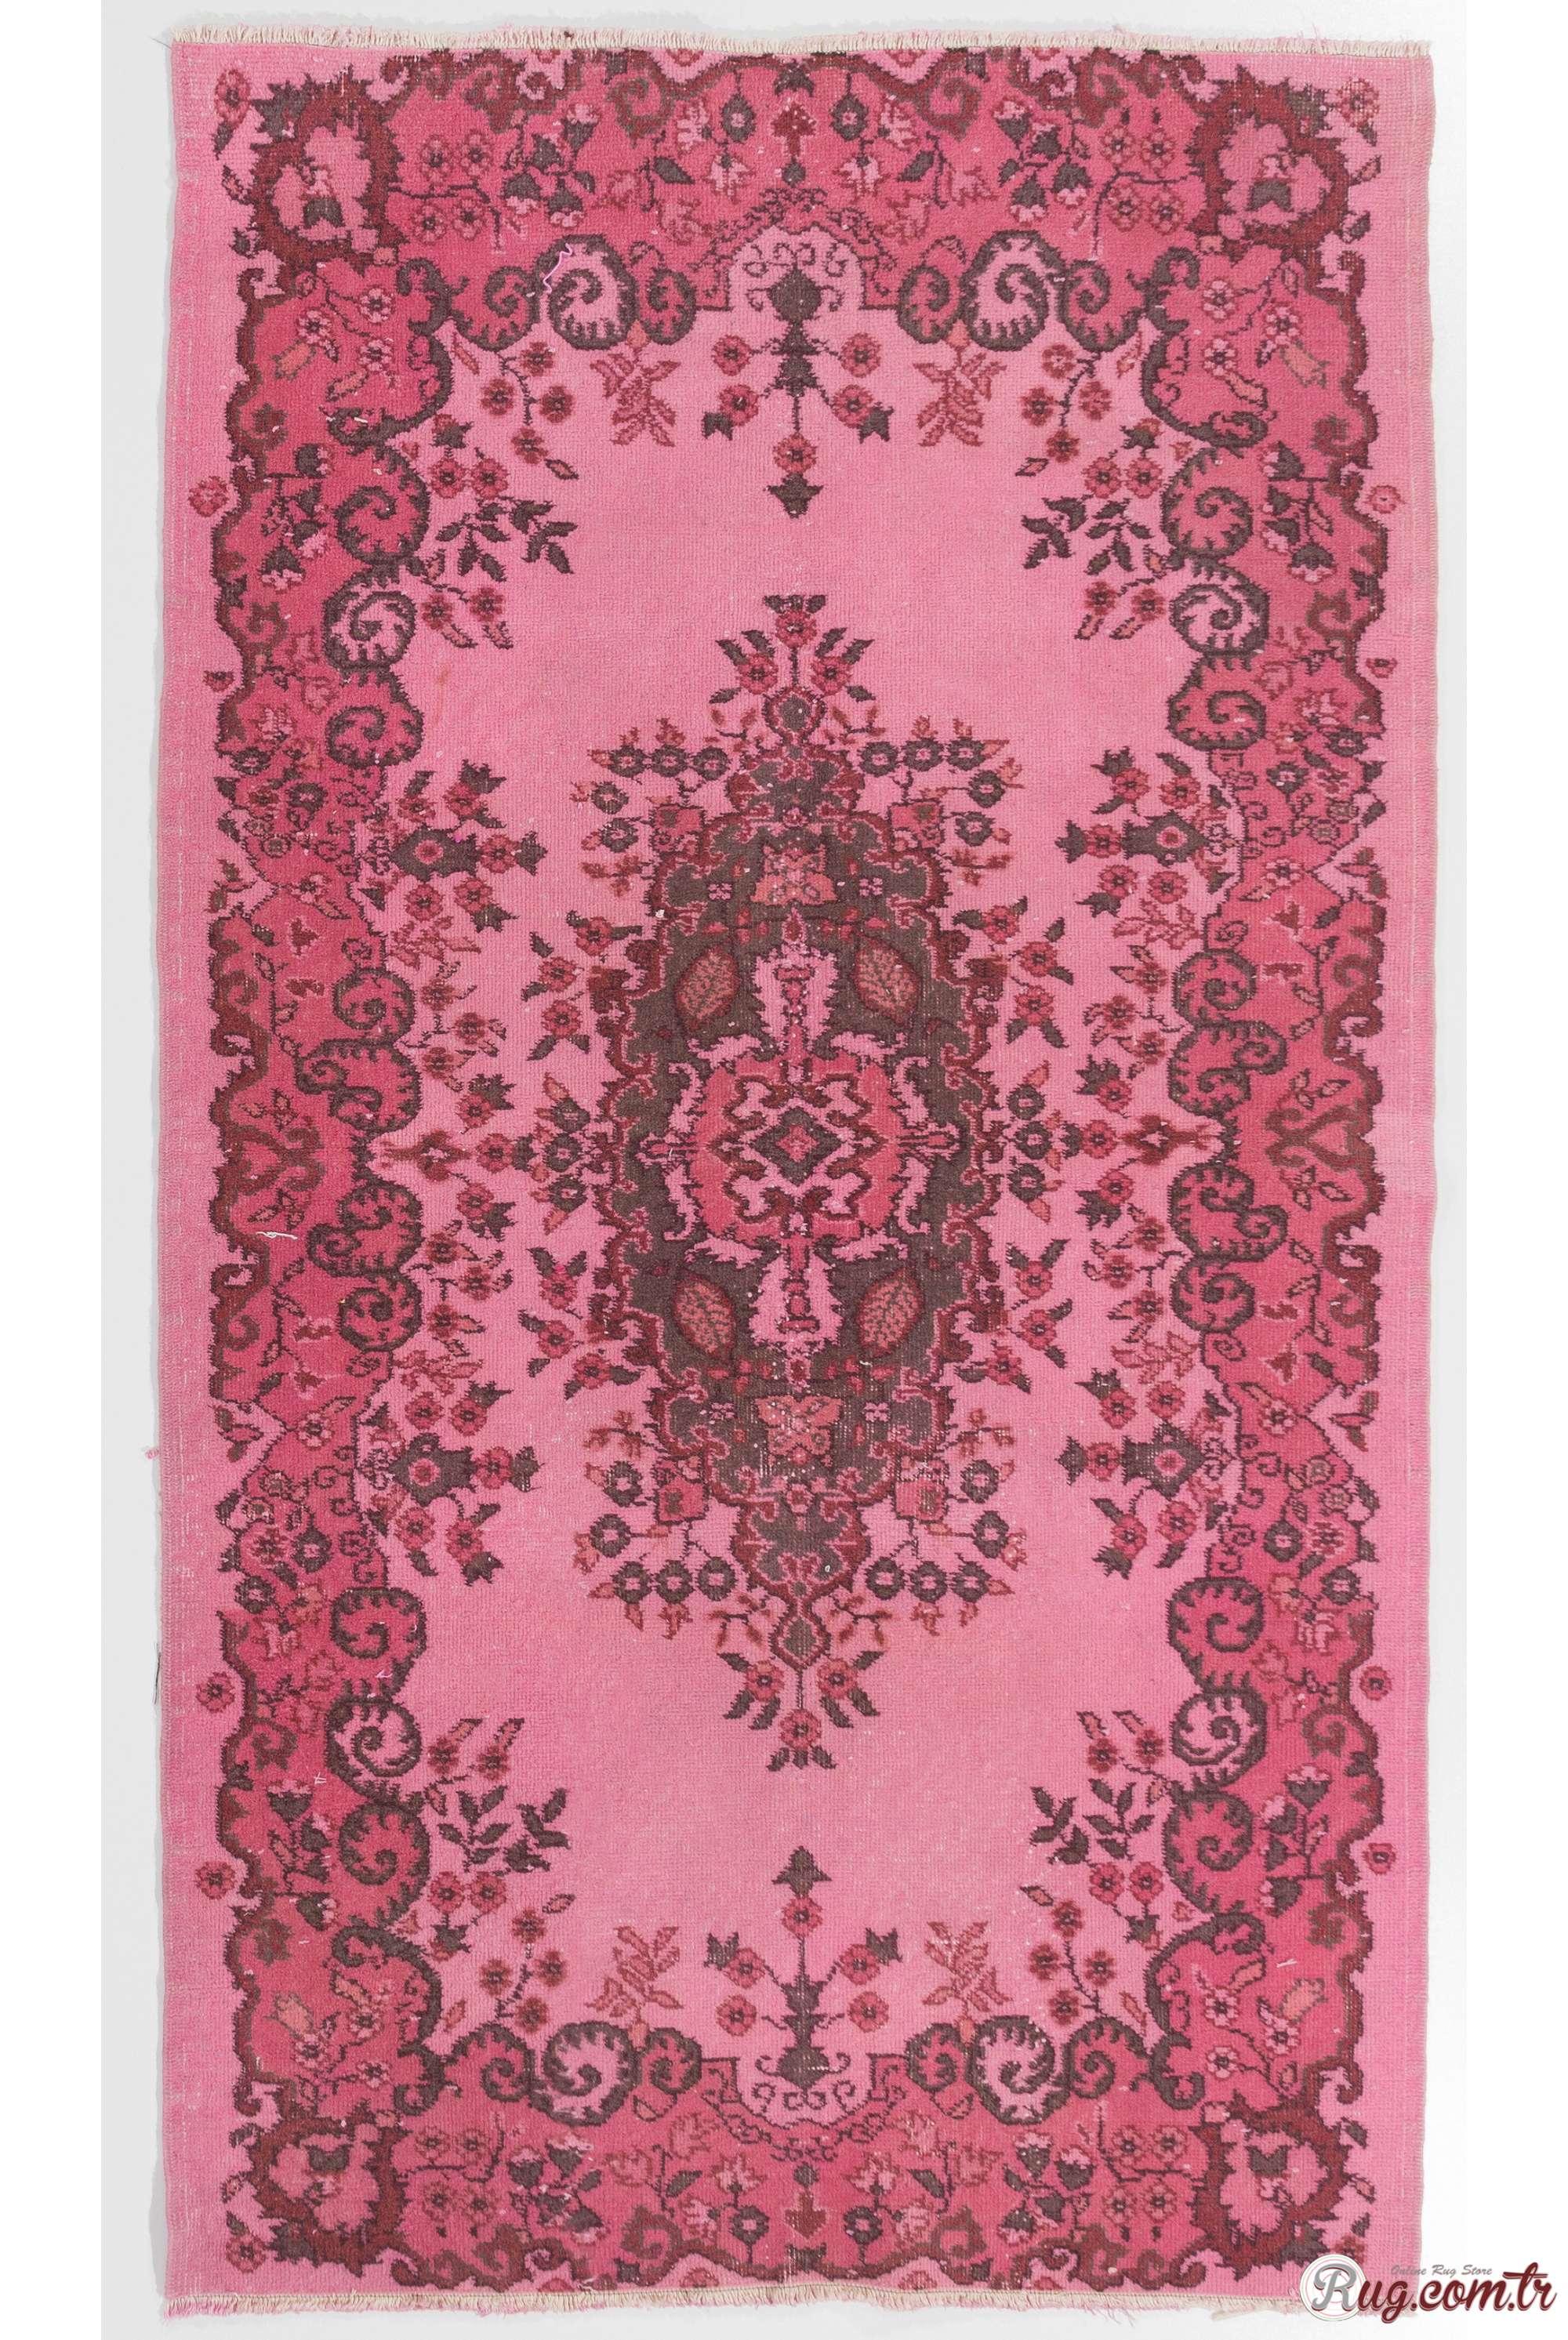 Pink Color Vintage Overdyed Handmade Turkish Rug Pink